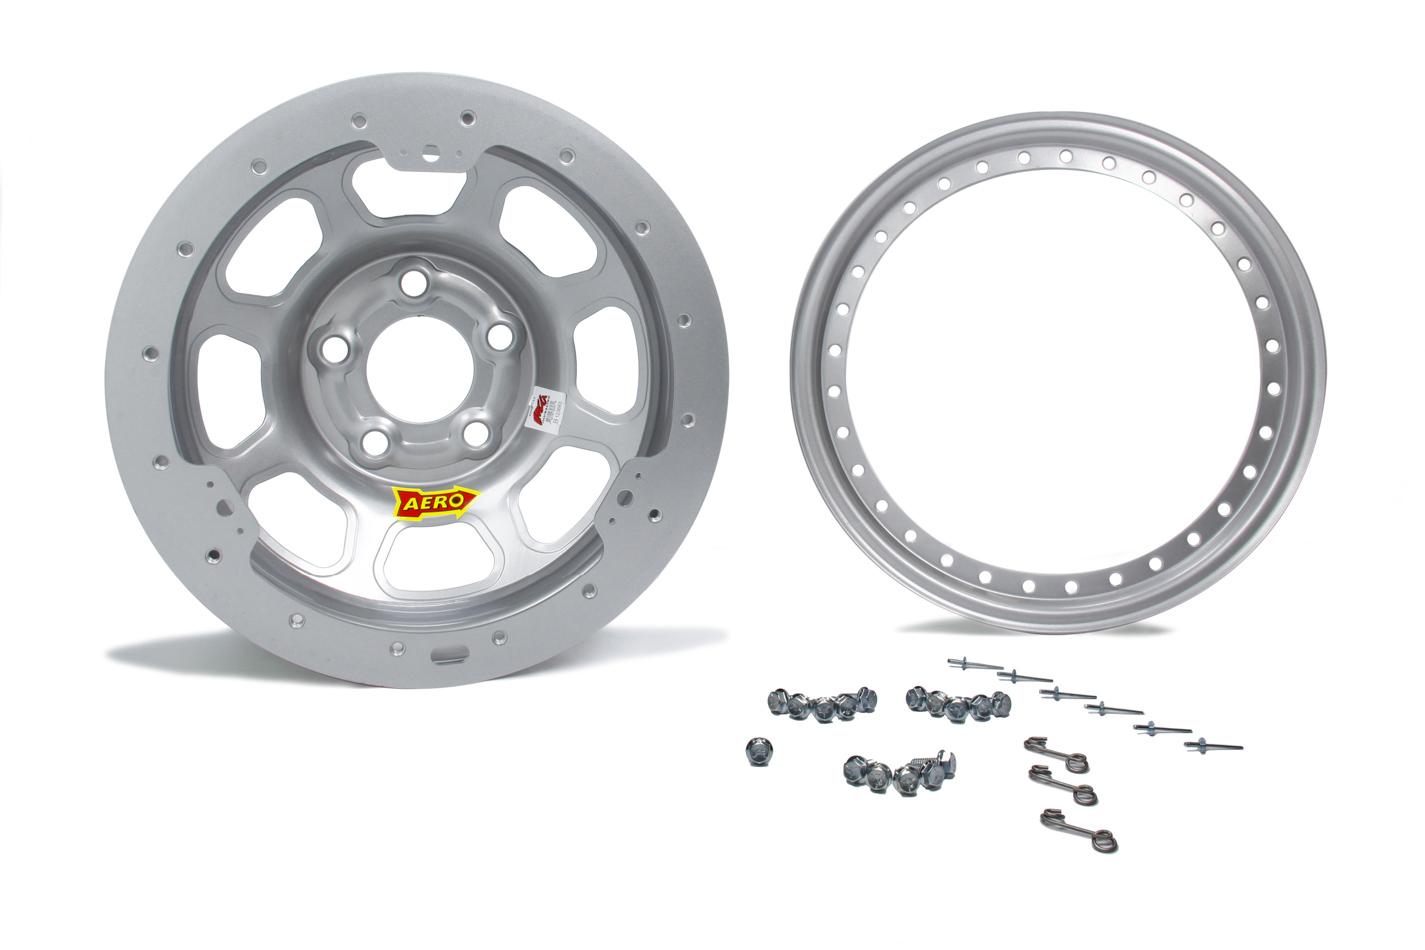 Aero Race Wheels 53-005050S Wheel, 53-Series, 15 x 10 in, 5.000 in Backspace, 5 x 5.00 in Bolt Pattern, Beadlock, Steel, Silver Powder Coat, Each